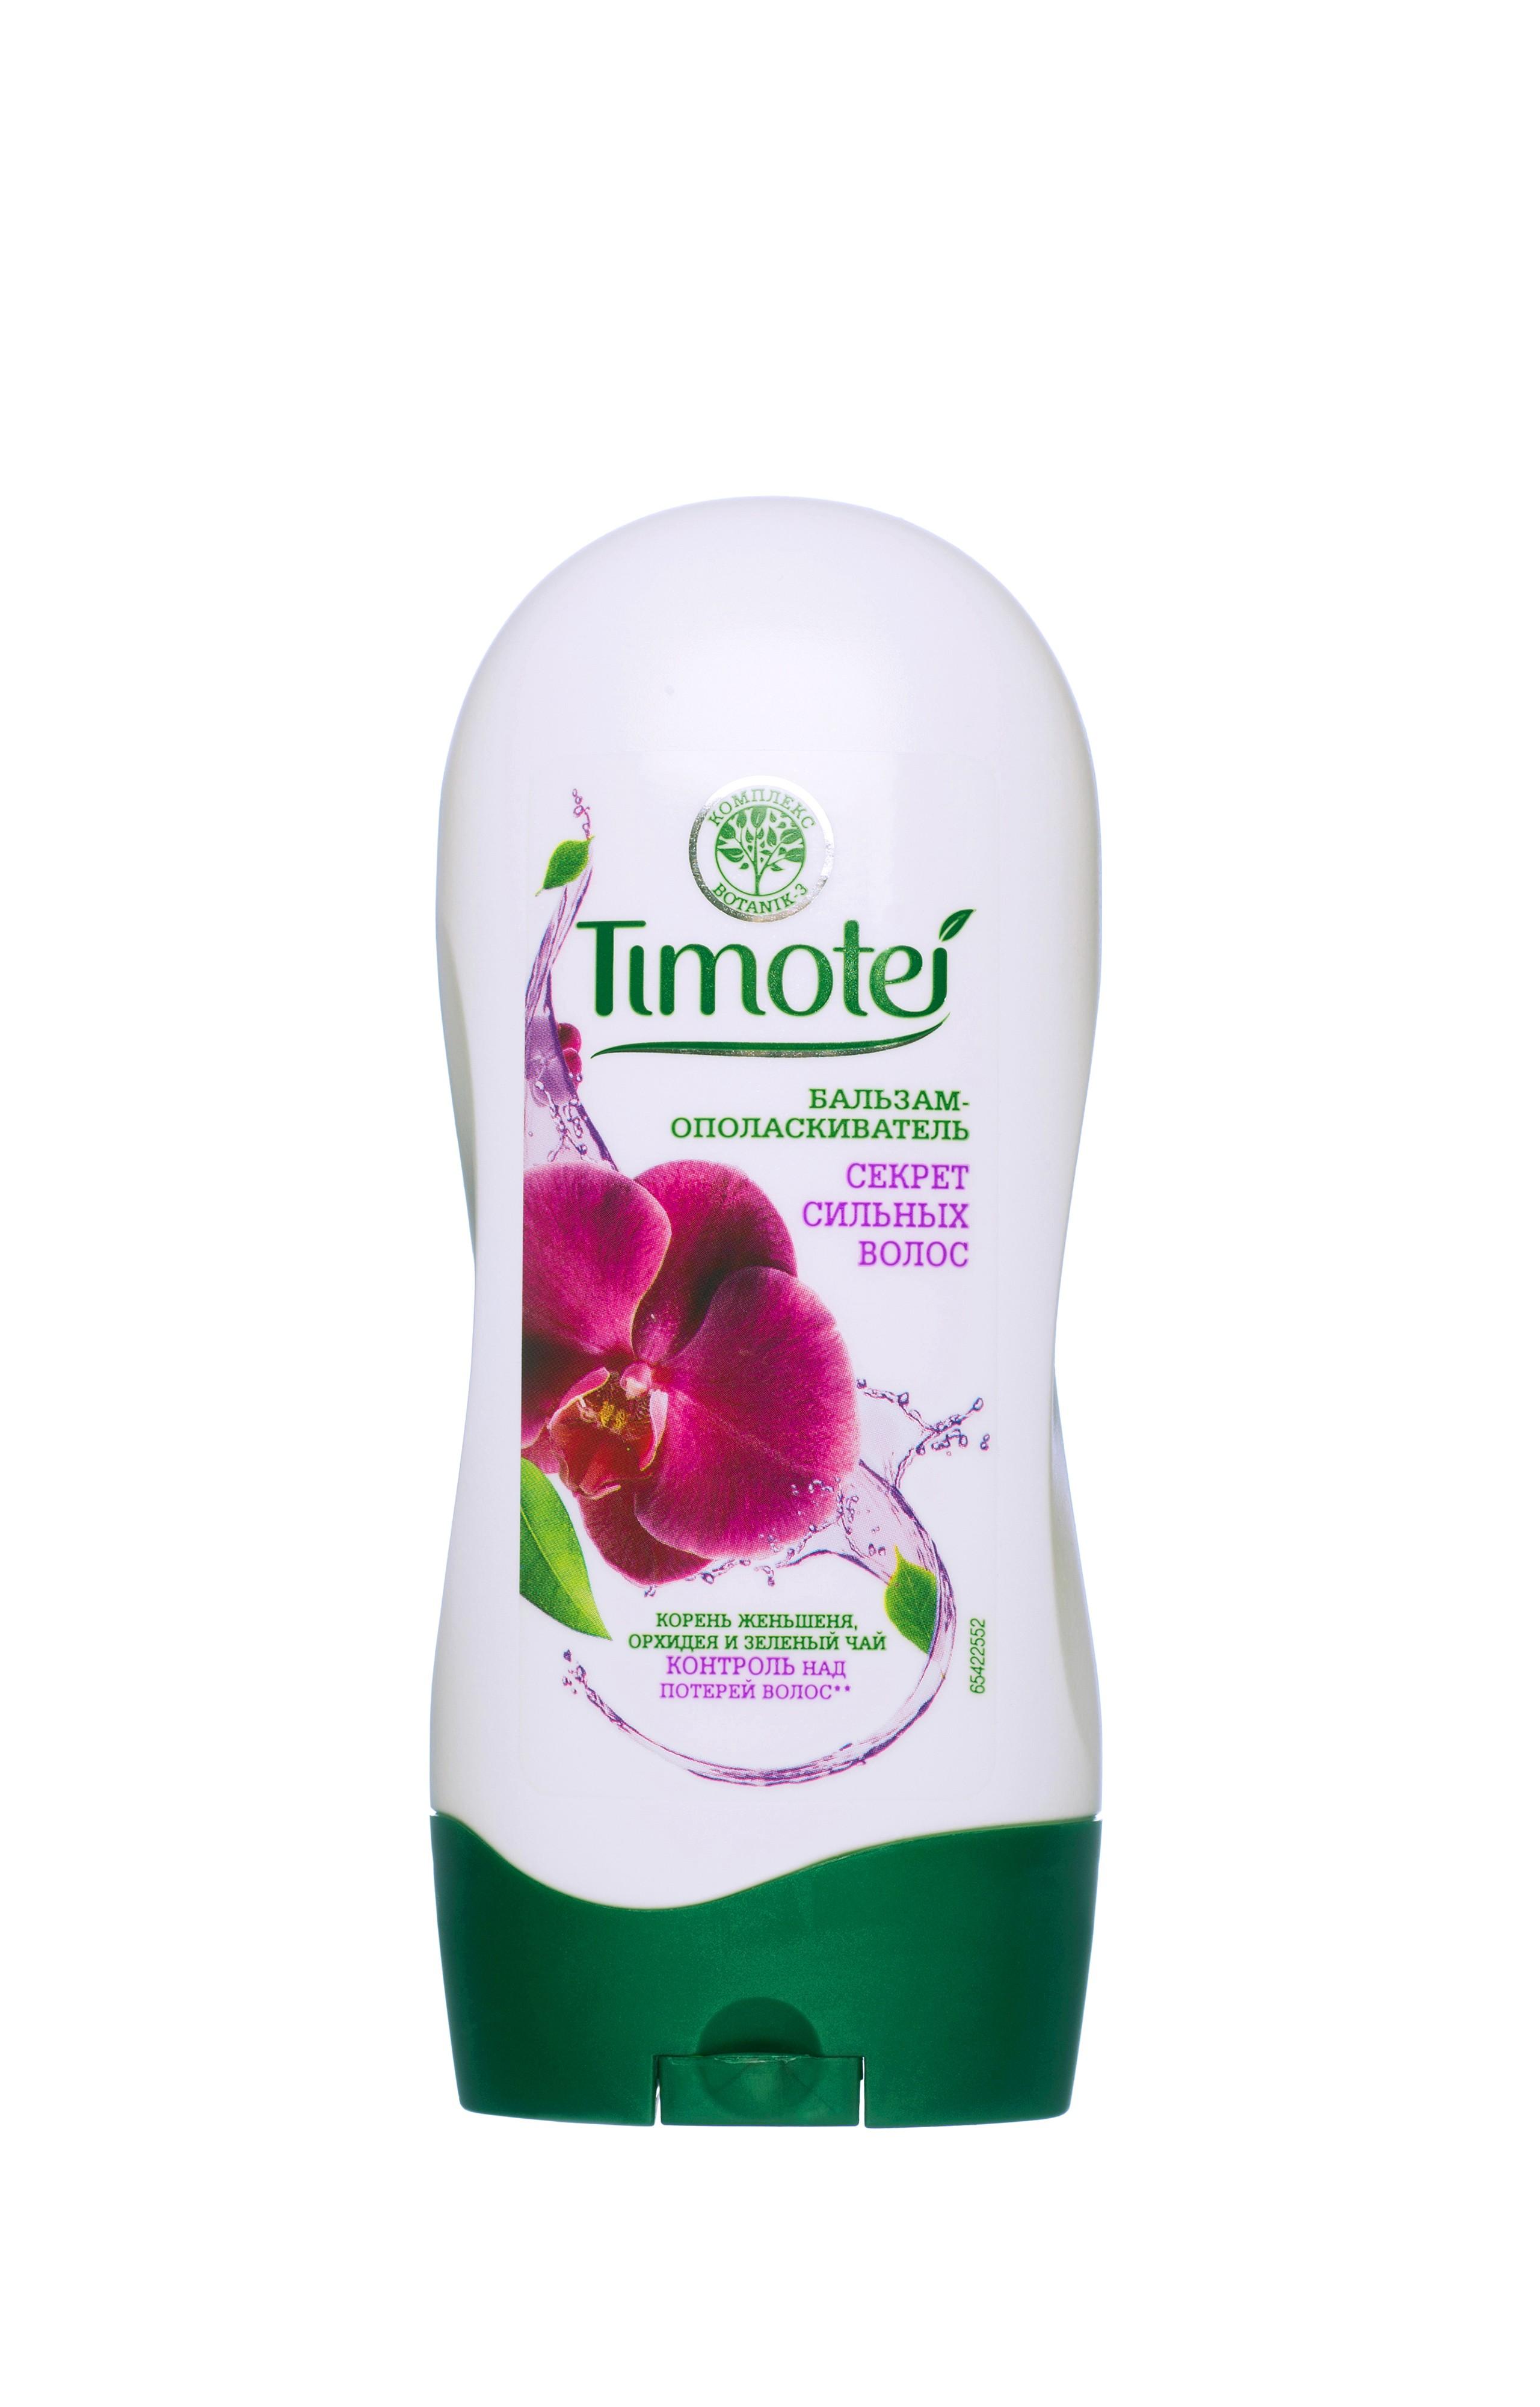 Timotei Бальзам-ополаскиватель для волос Секрет сильных волос 200 мл51844022TIMOTEI Бальзам-ополаскиватель Секрет сильных волос 200мл Укрепляет Ваши волосы у корней. Придает легкость и силу /Вашим волосам.